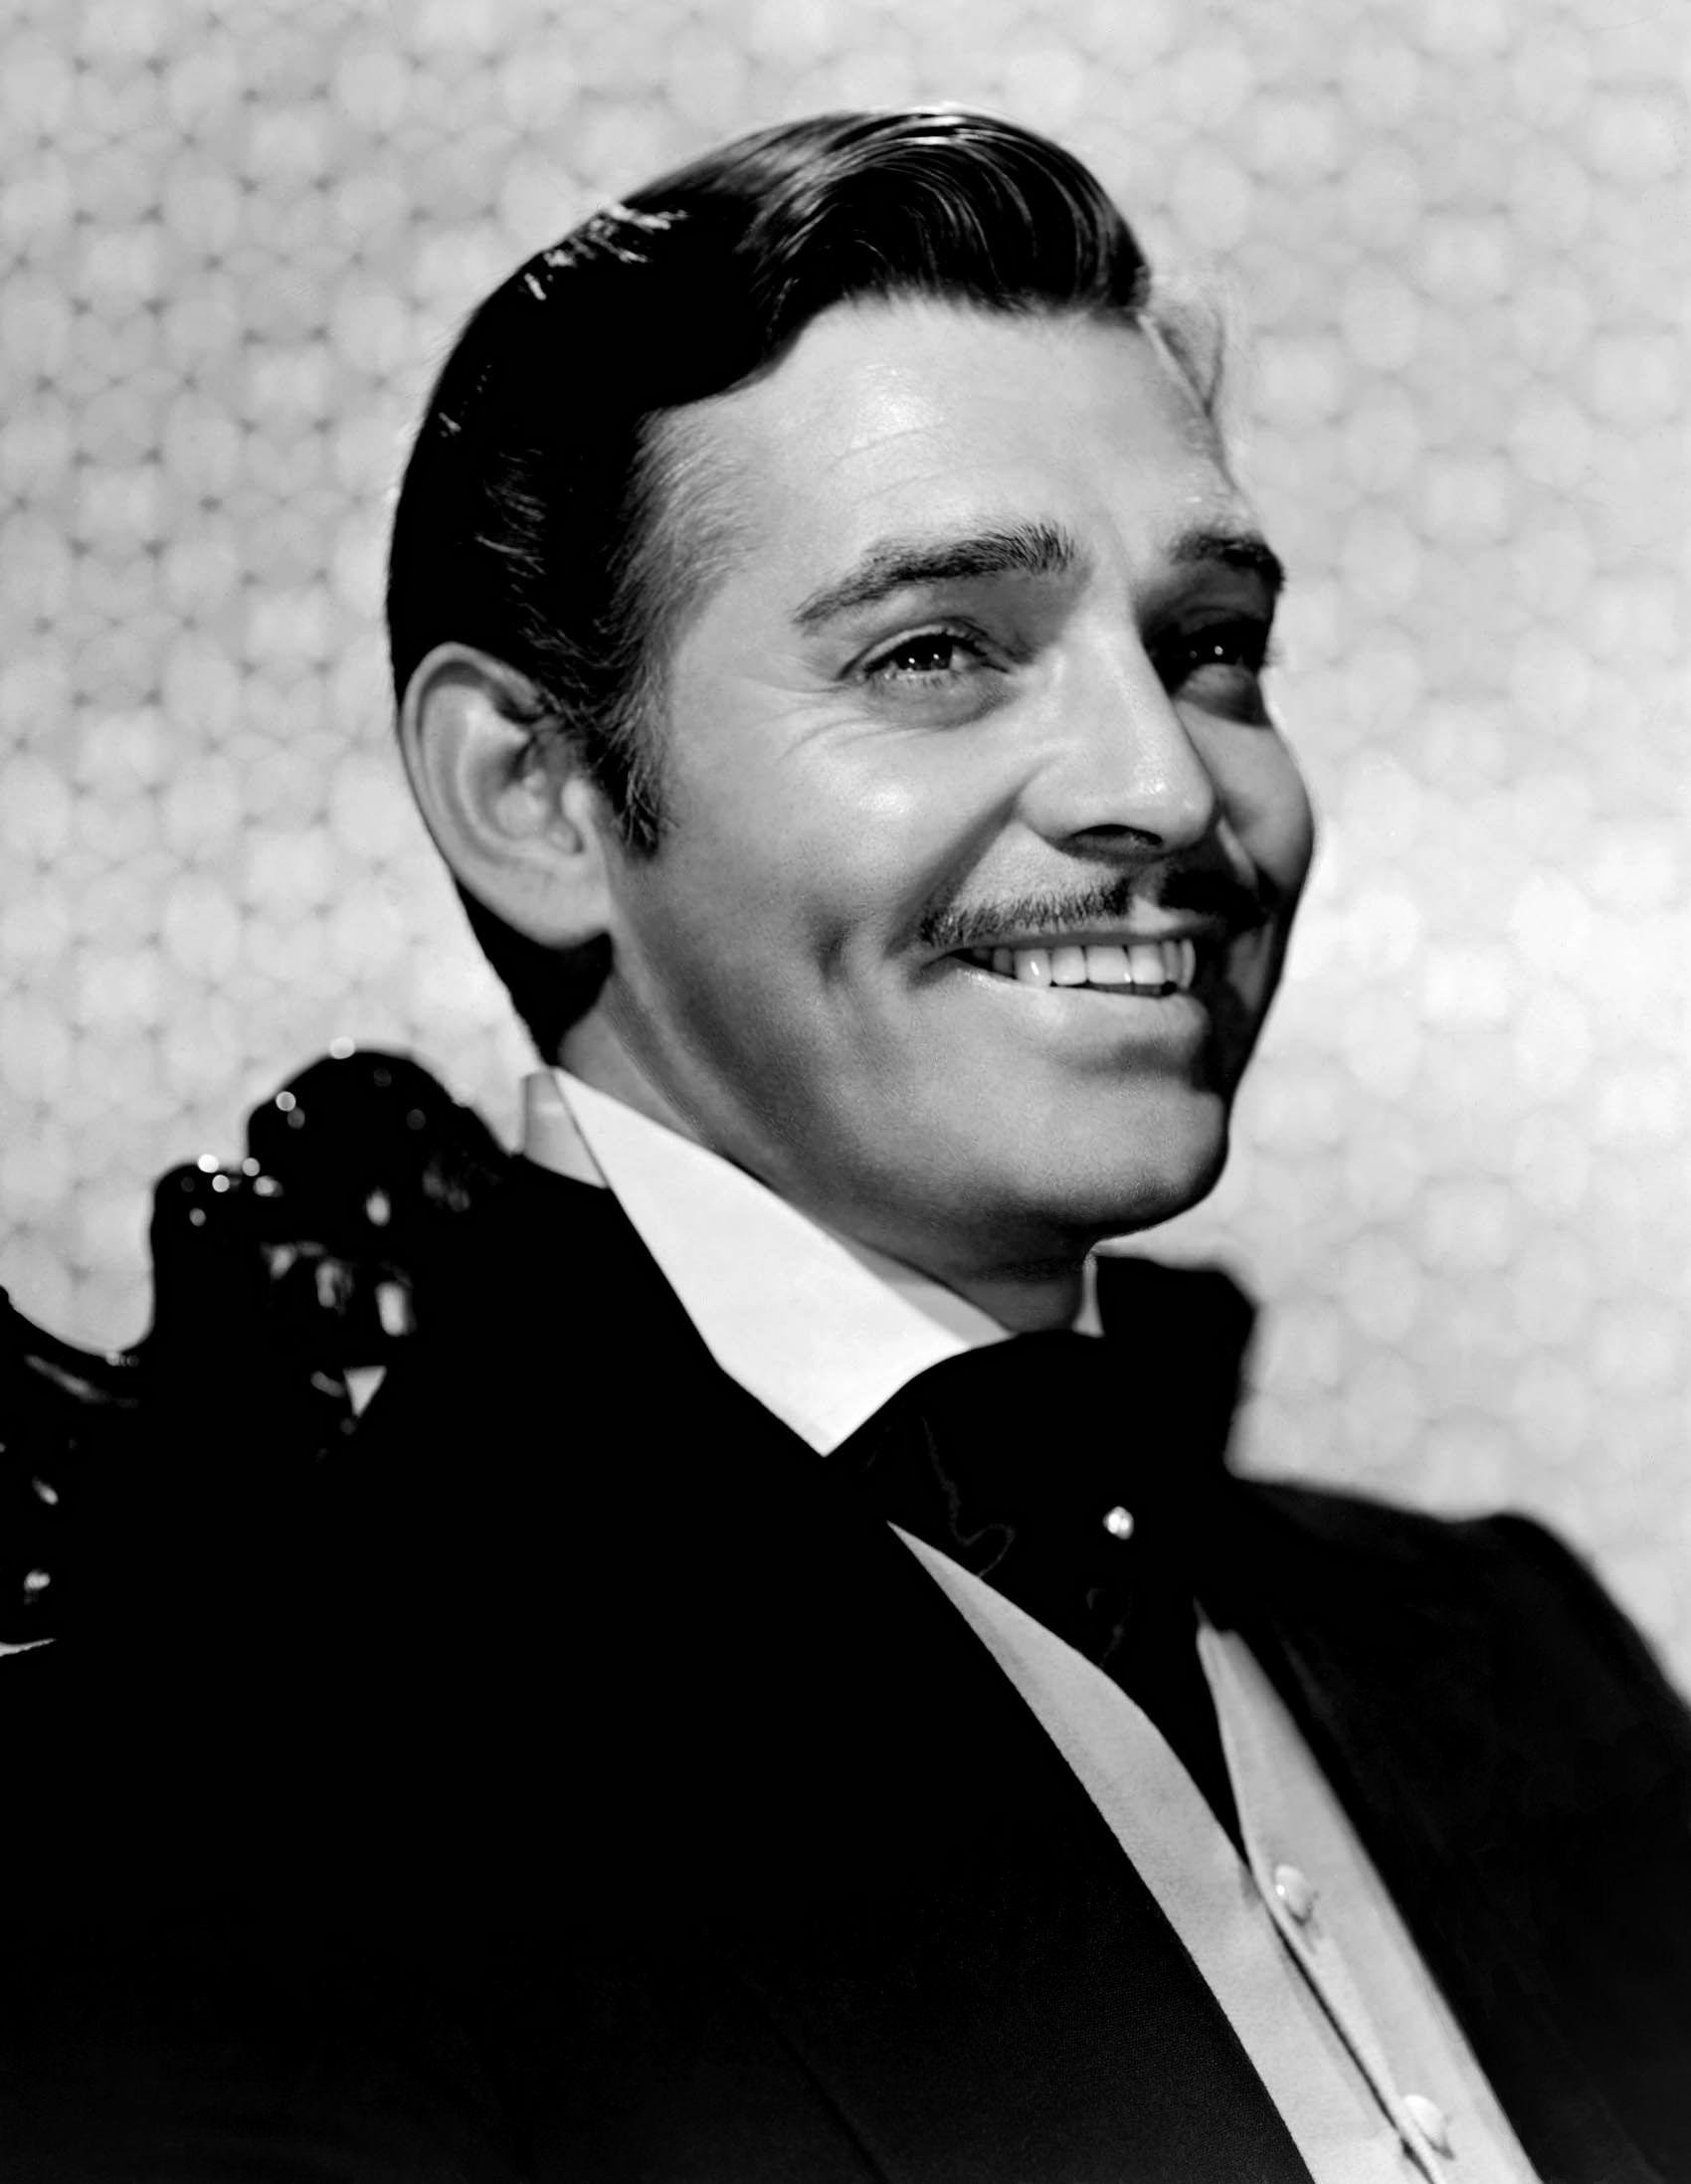 Clark Gable as Rhett Butler.